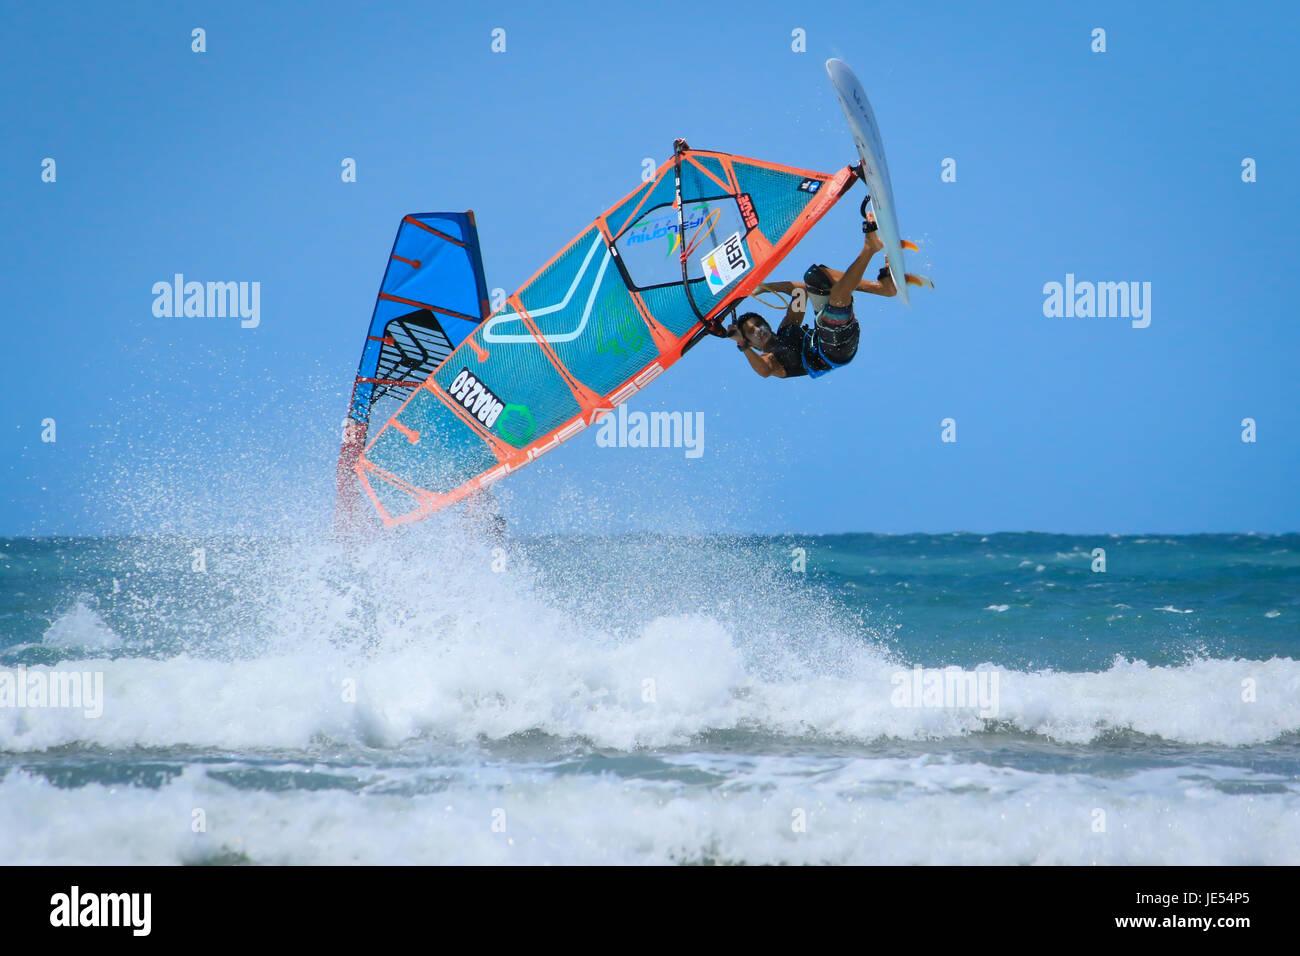 JERICOACOARA.CEARA/BRASIL - CIRCA DECEMBER 2016: windsurfer sportmen Advan Souza makes trick at the water jumpimg - Stock Image